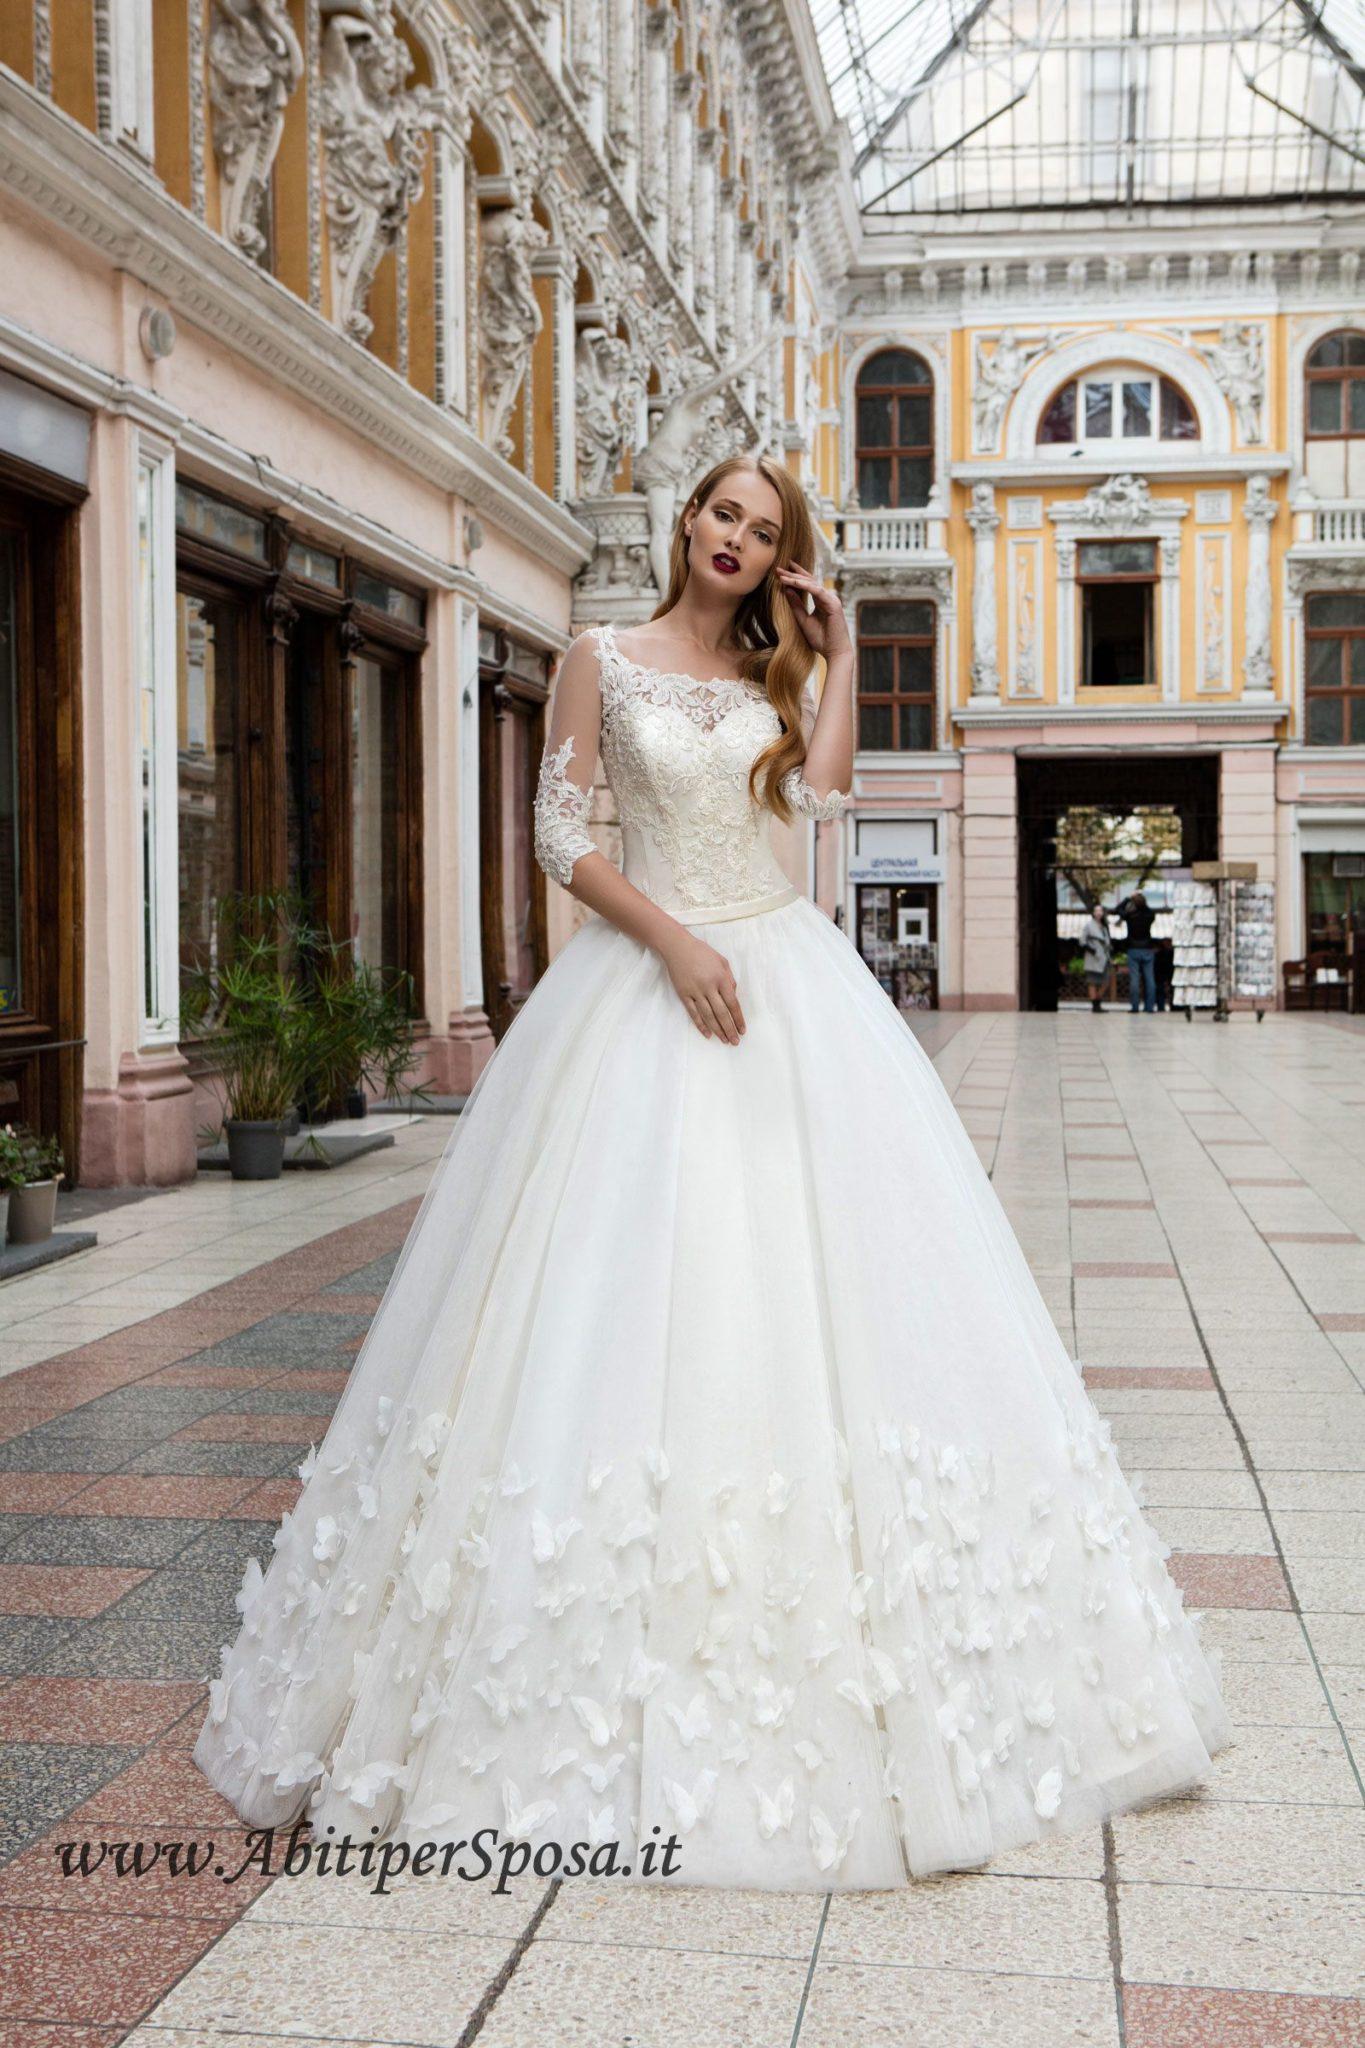 Abiti Da Sposa Internet.Abito Da Sposa Ampio Caroline Abitipersposa It Abiti Da Sposa